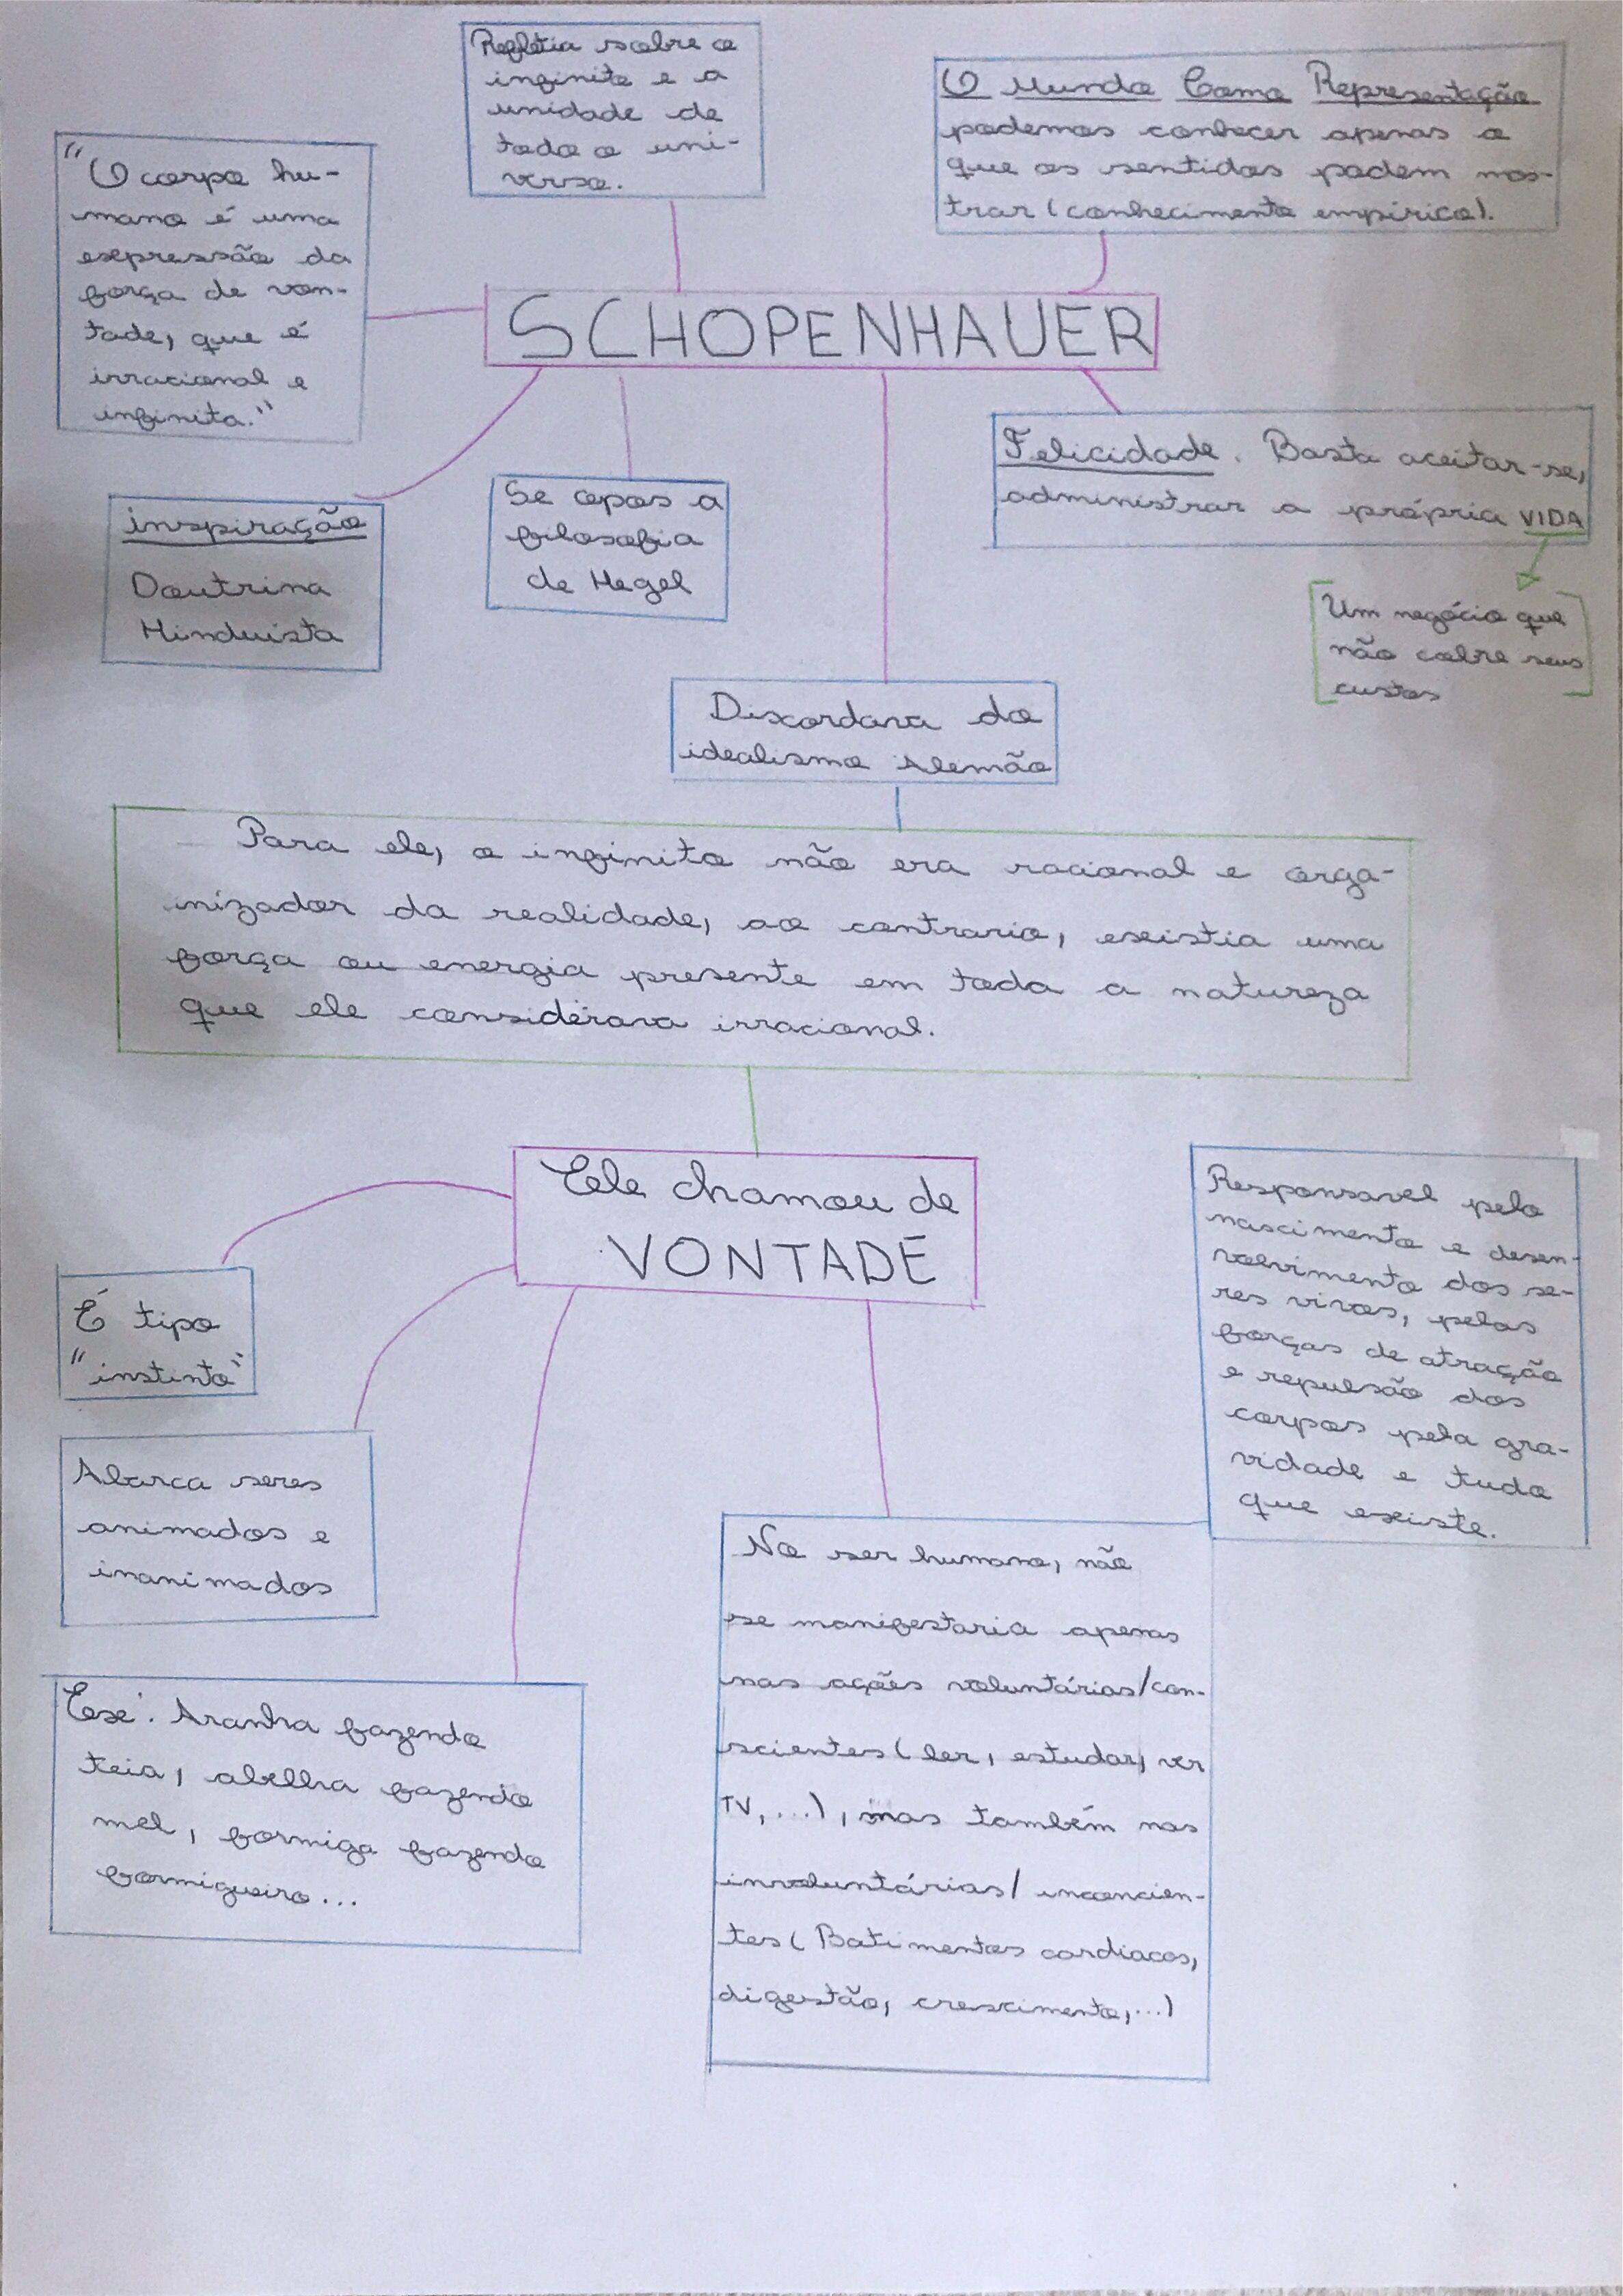 Mapa Mental Schopenhauer Com Imagens Resumos Enem Como